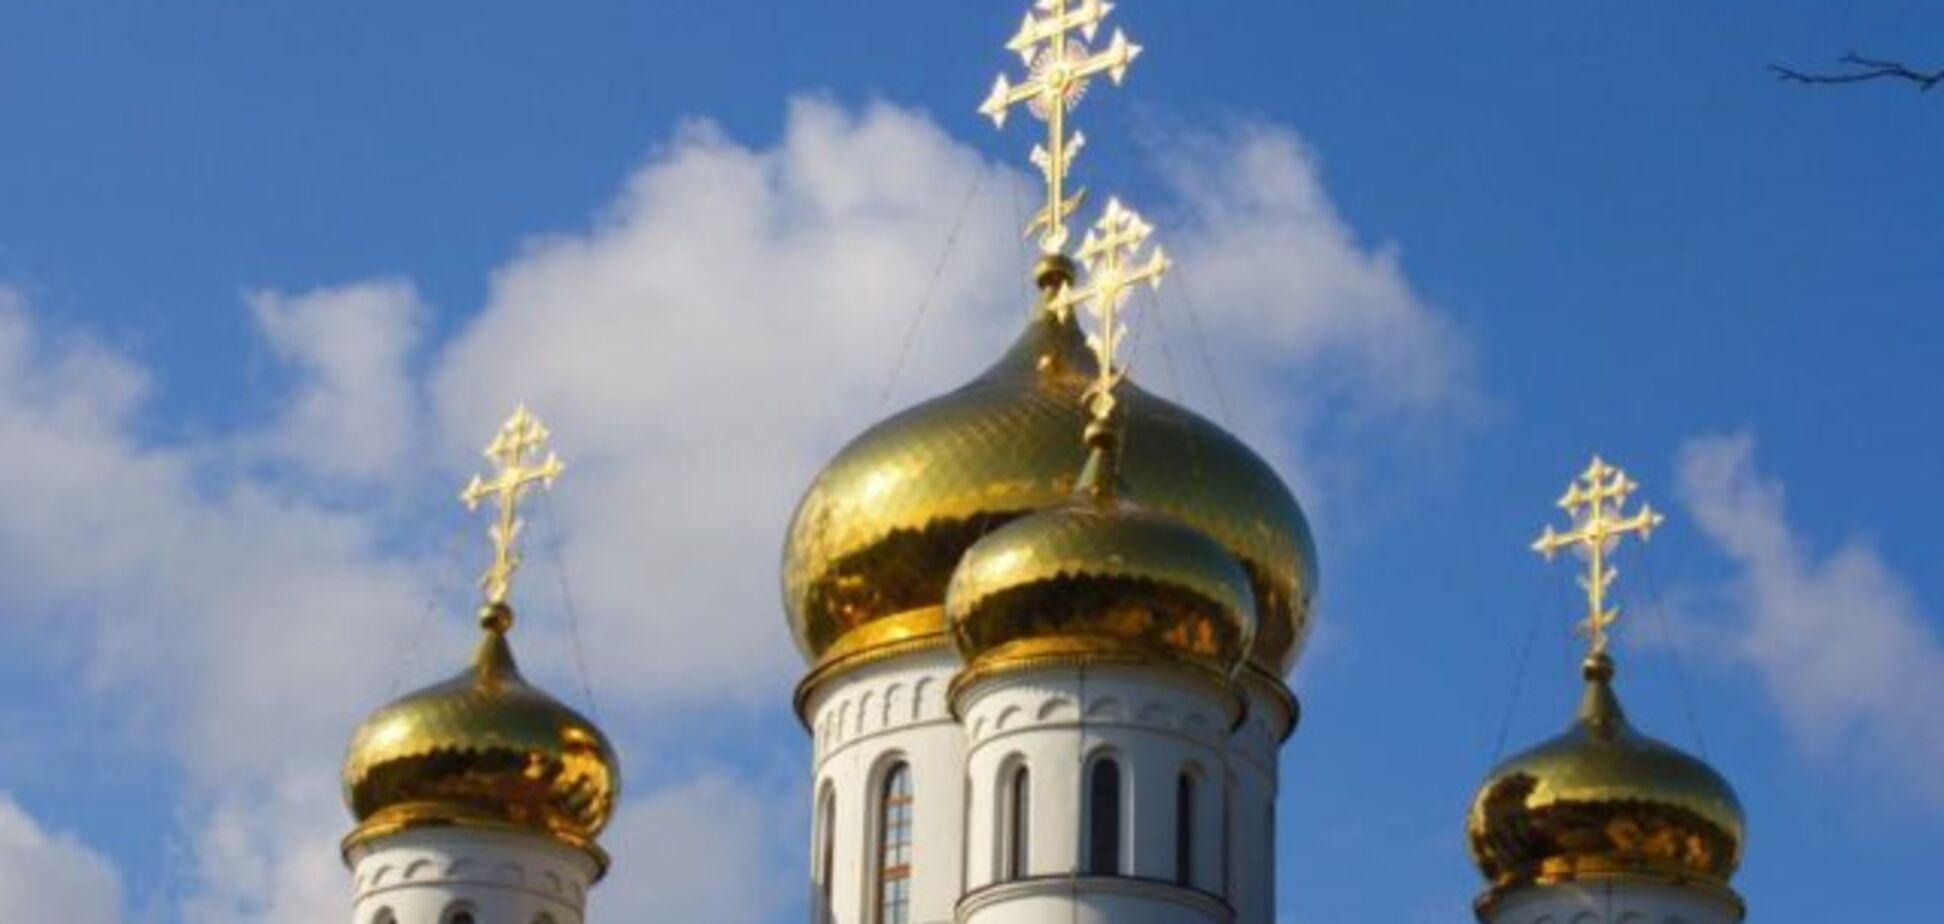 Получение автокефалии: Украина втягивается в новый конфликт